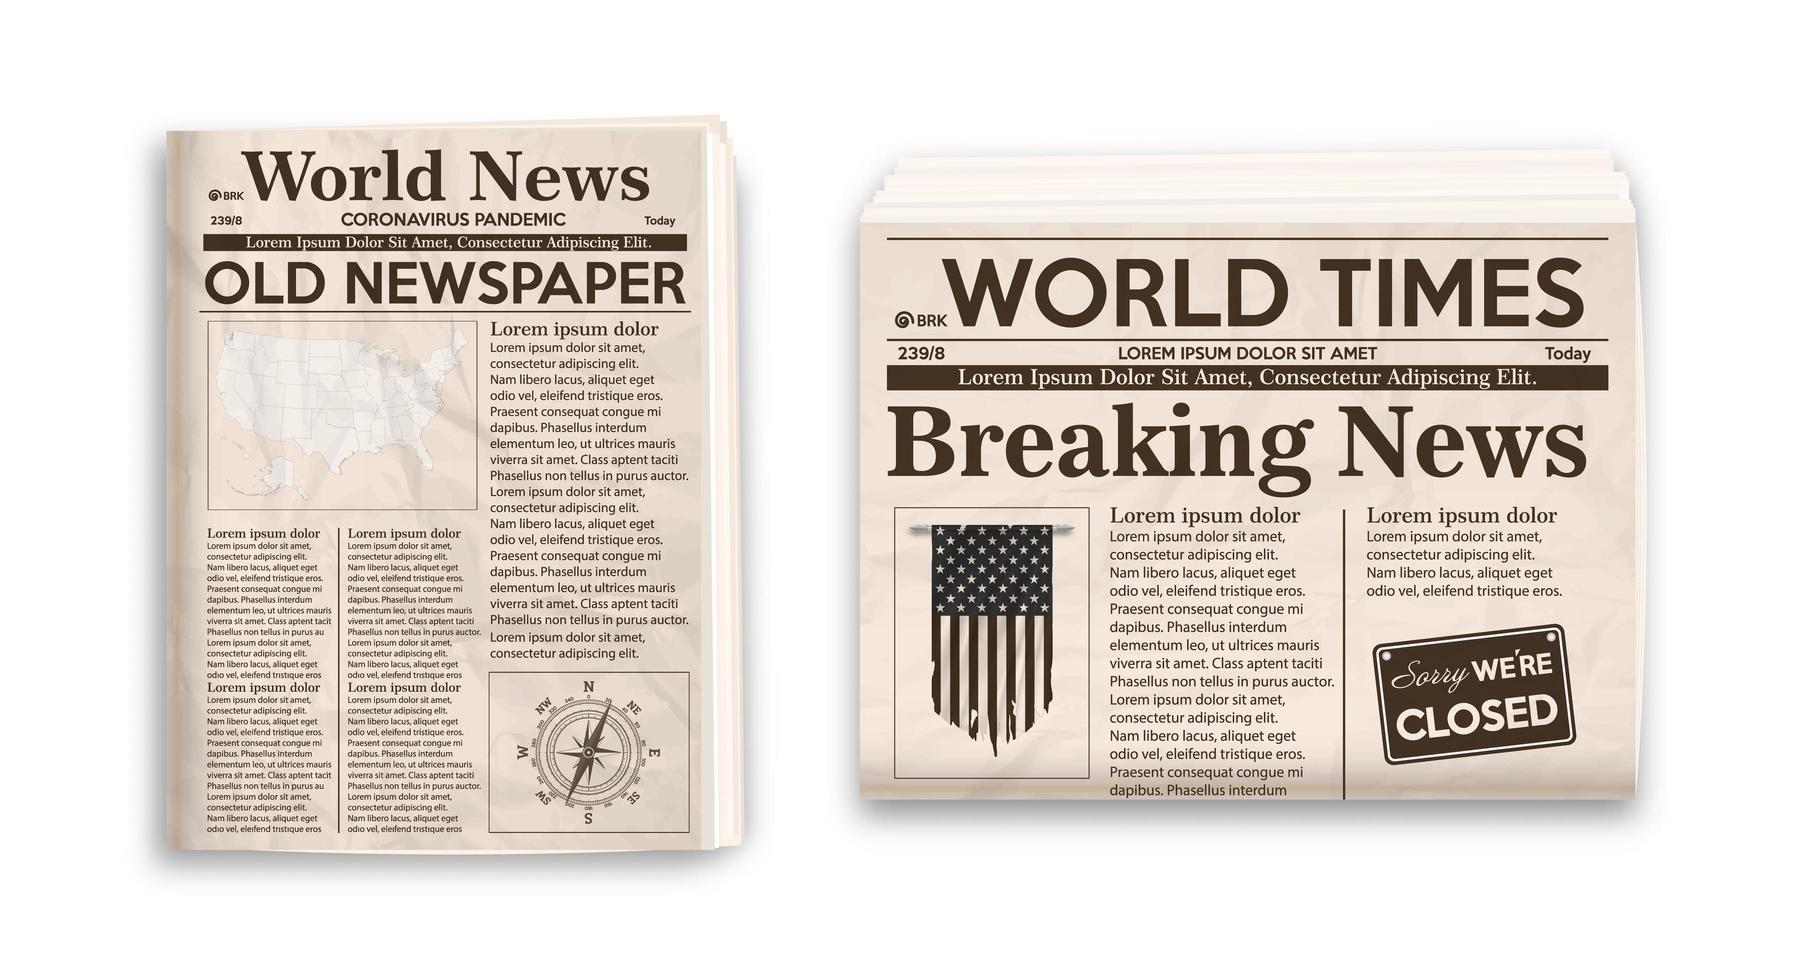 Altes Zeitungslayout Vertikales Und Horizontales Modell Von Zeitungen Lokalisiert Auf Weissem Hintergrund Download Kostenlos Vector Clipart Graphics Vektorgrafiken Und Design Vorlagen